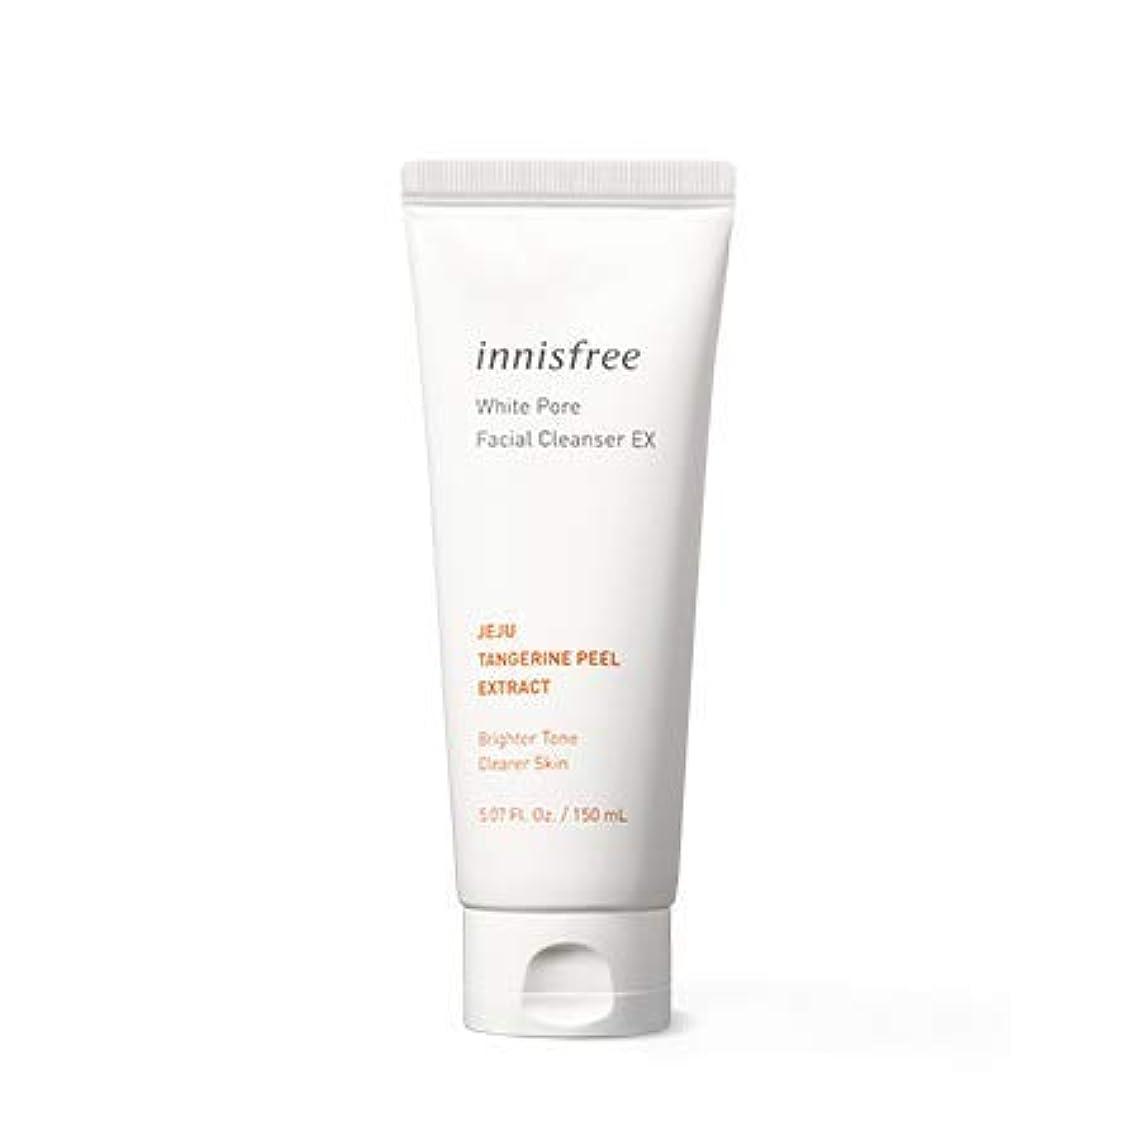 意味ニュースから聞く[イニスフリー.INNISFREE]ホワイトポアフェイシャルクレンザーEX150mL×2EA,(2019。新発売)White Pore Facial Cleanser Ex